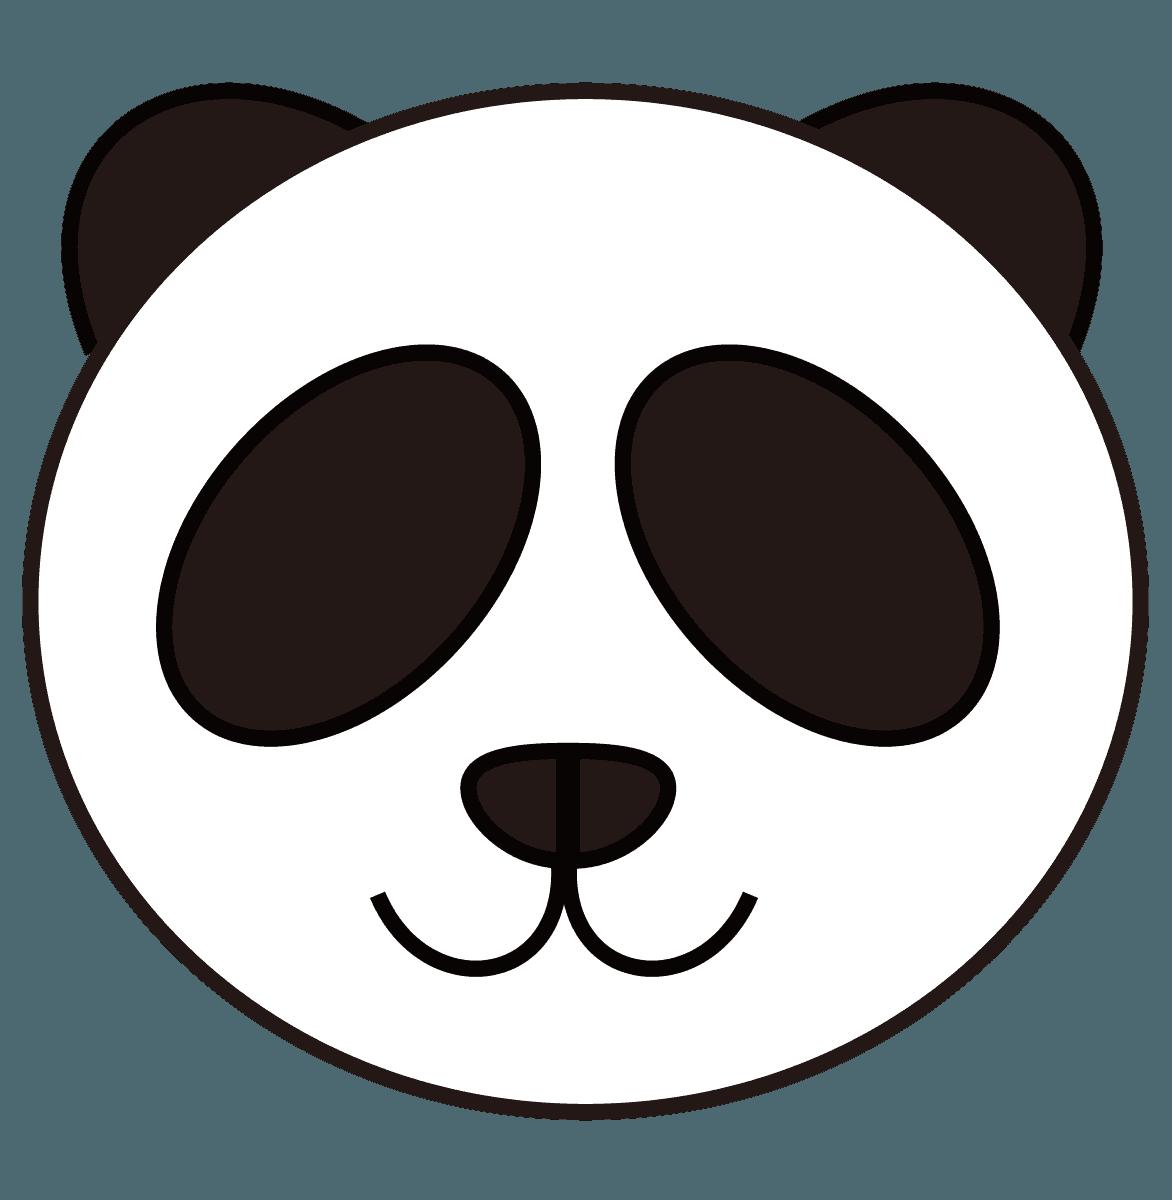 パンダのマーク